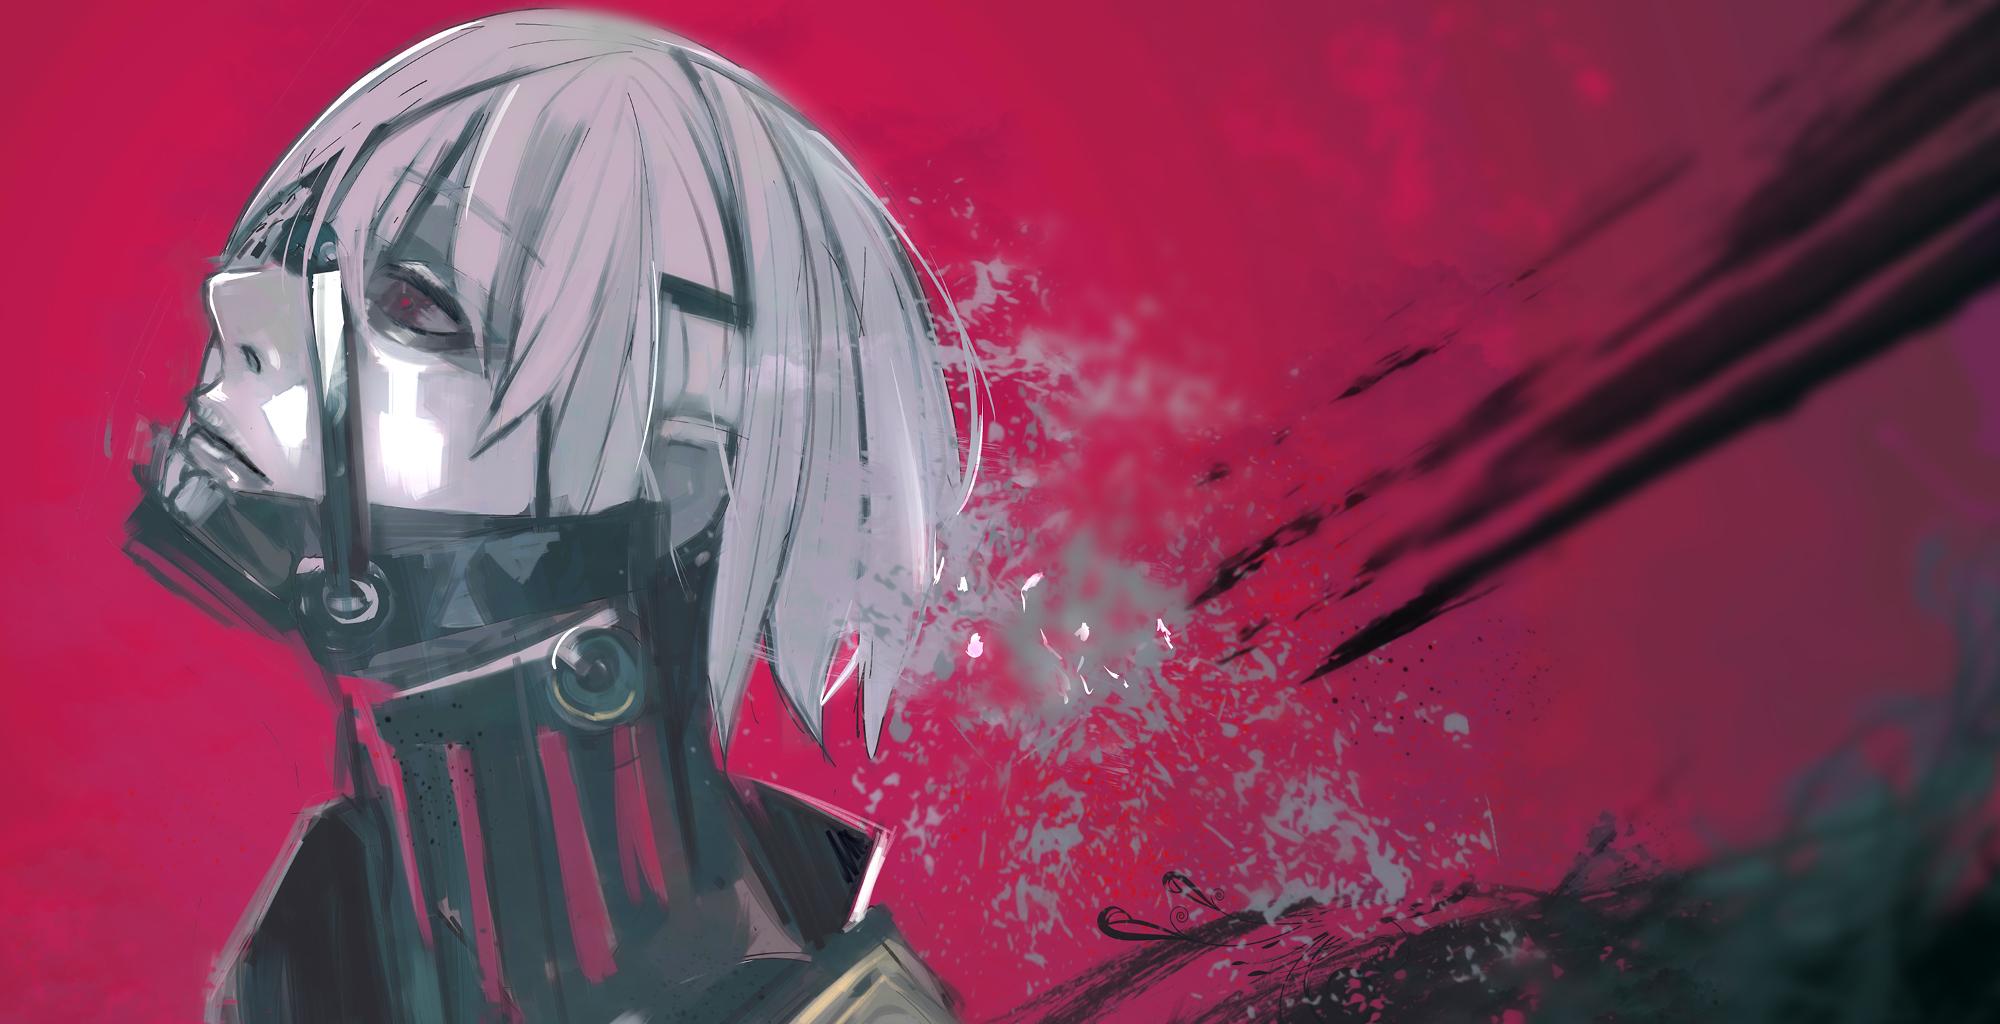 VIZ | The Best in Manga, Anime & Global Entertainment